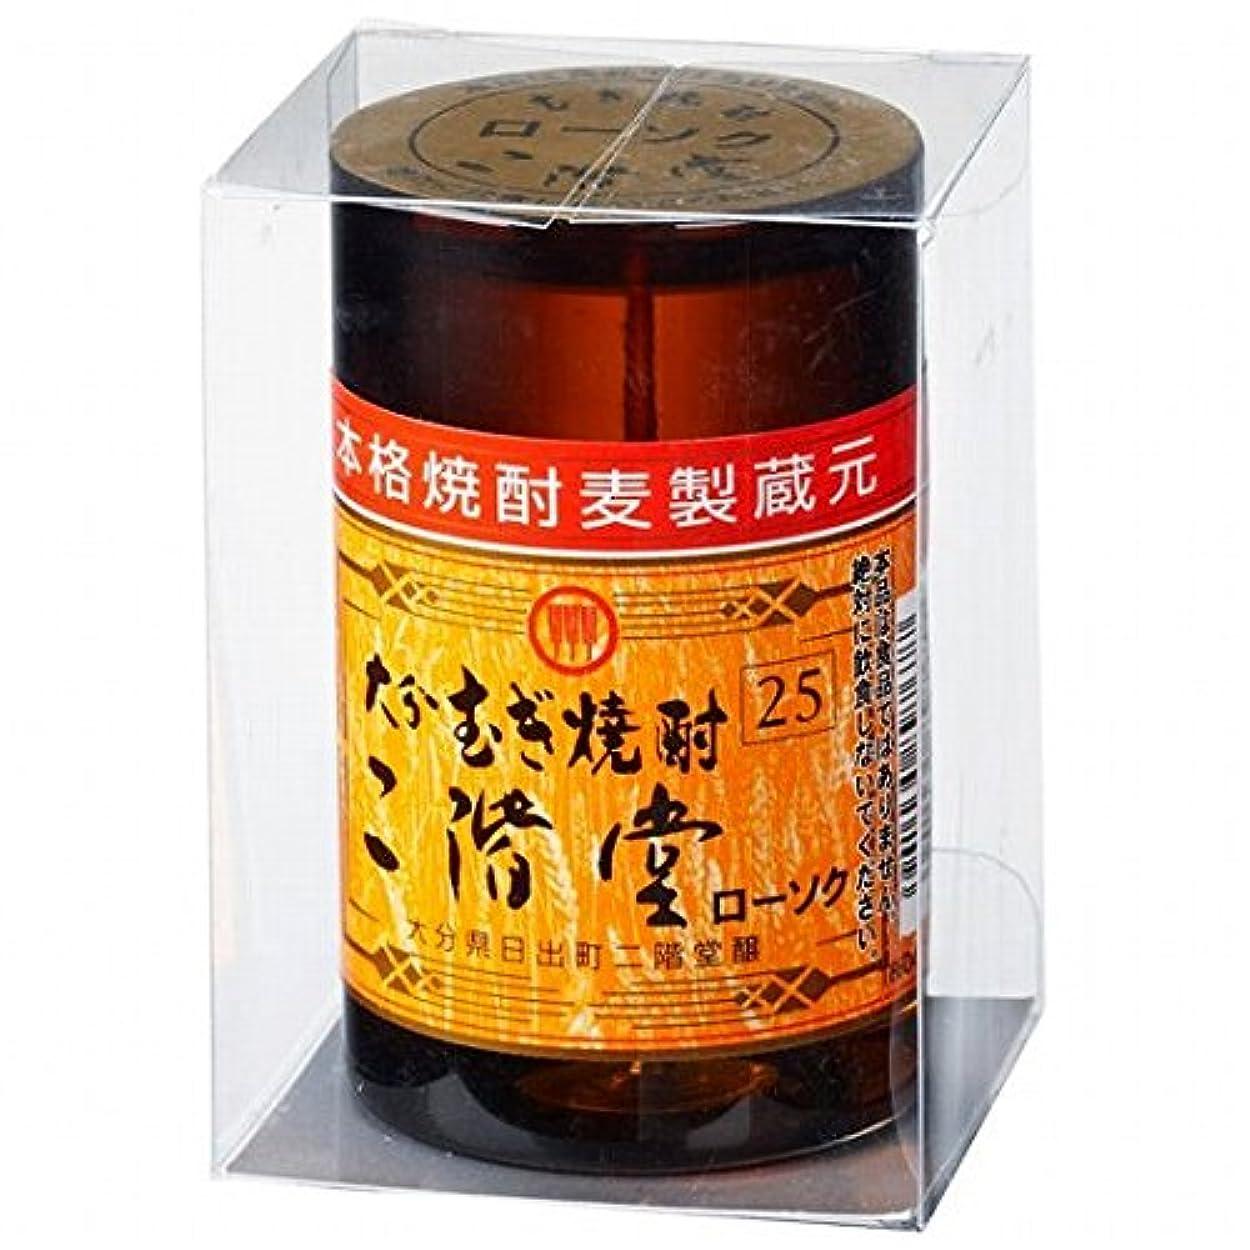 マニュアル思い出小康カメヤマキャンドル(kameyama candle) 大分むぎ焼酎 二階堂ローソク キャンドル